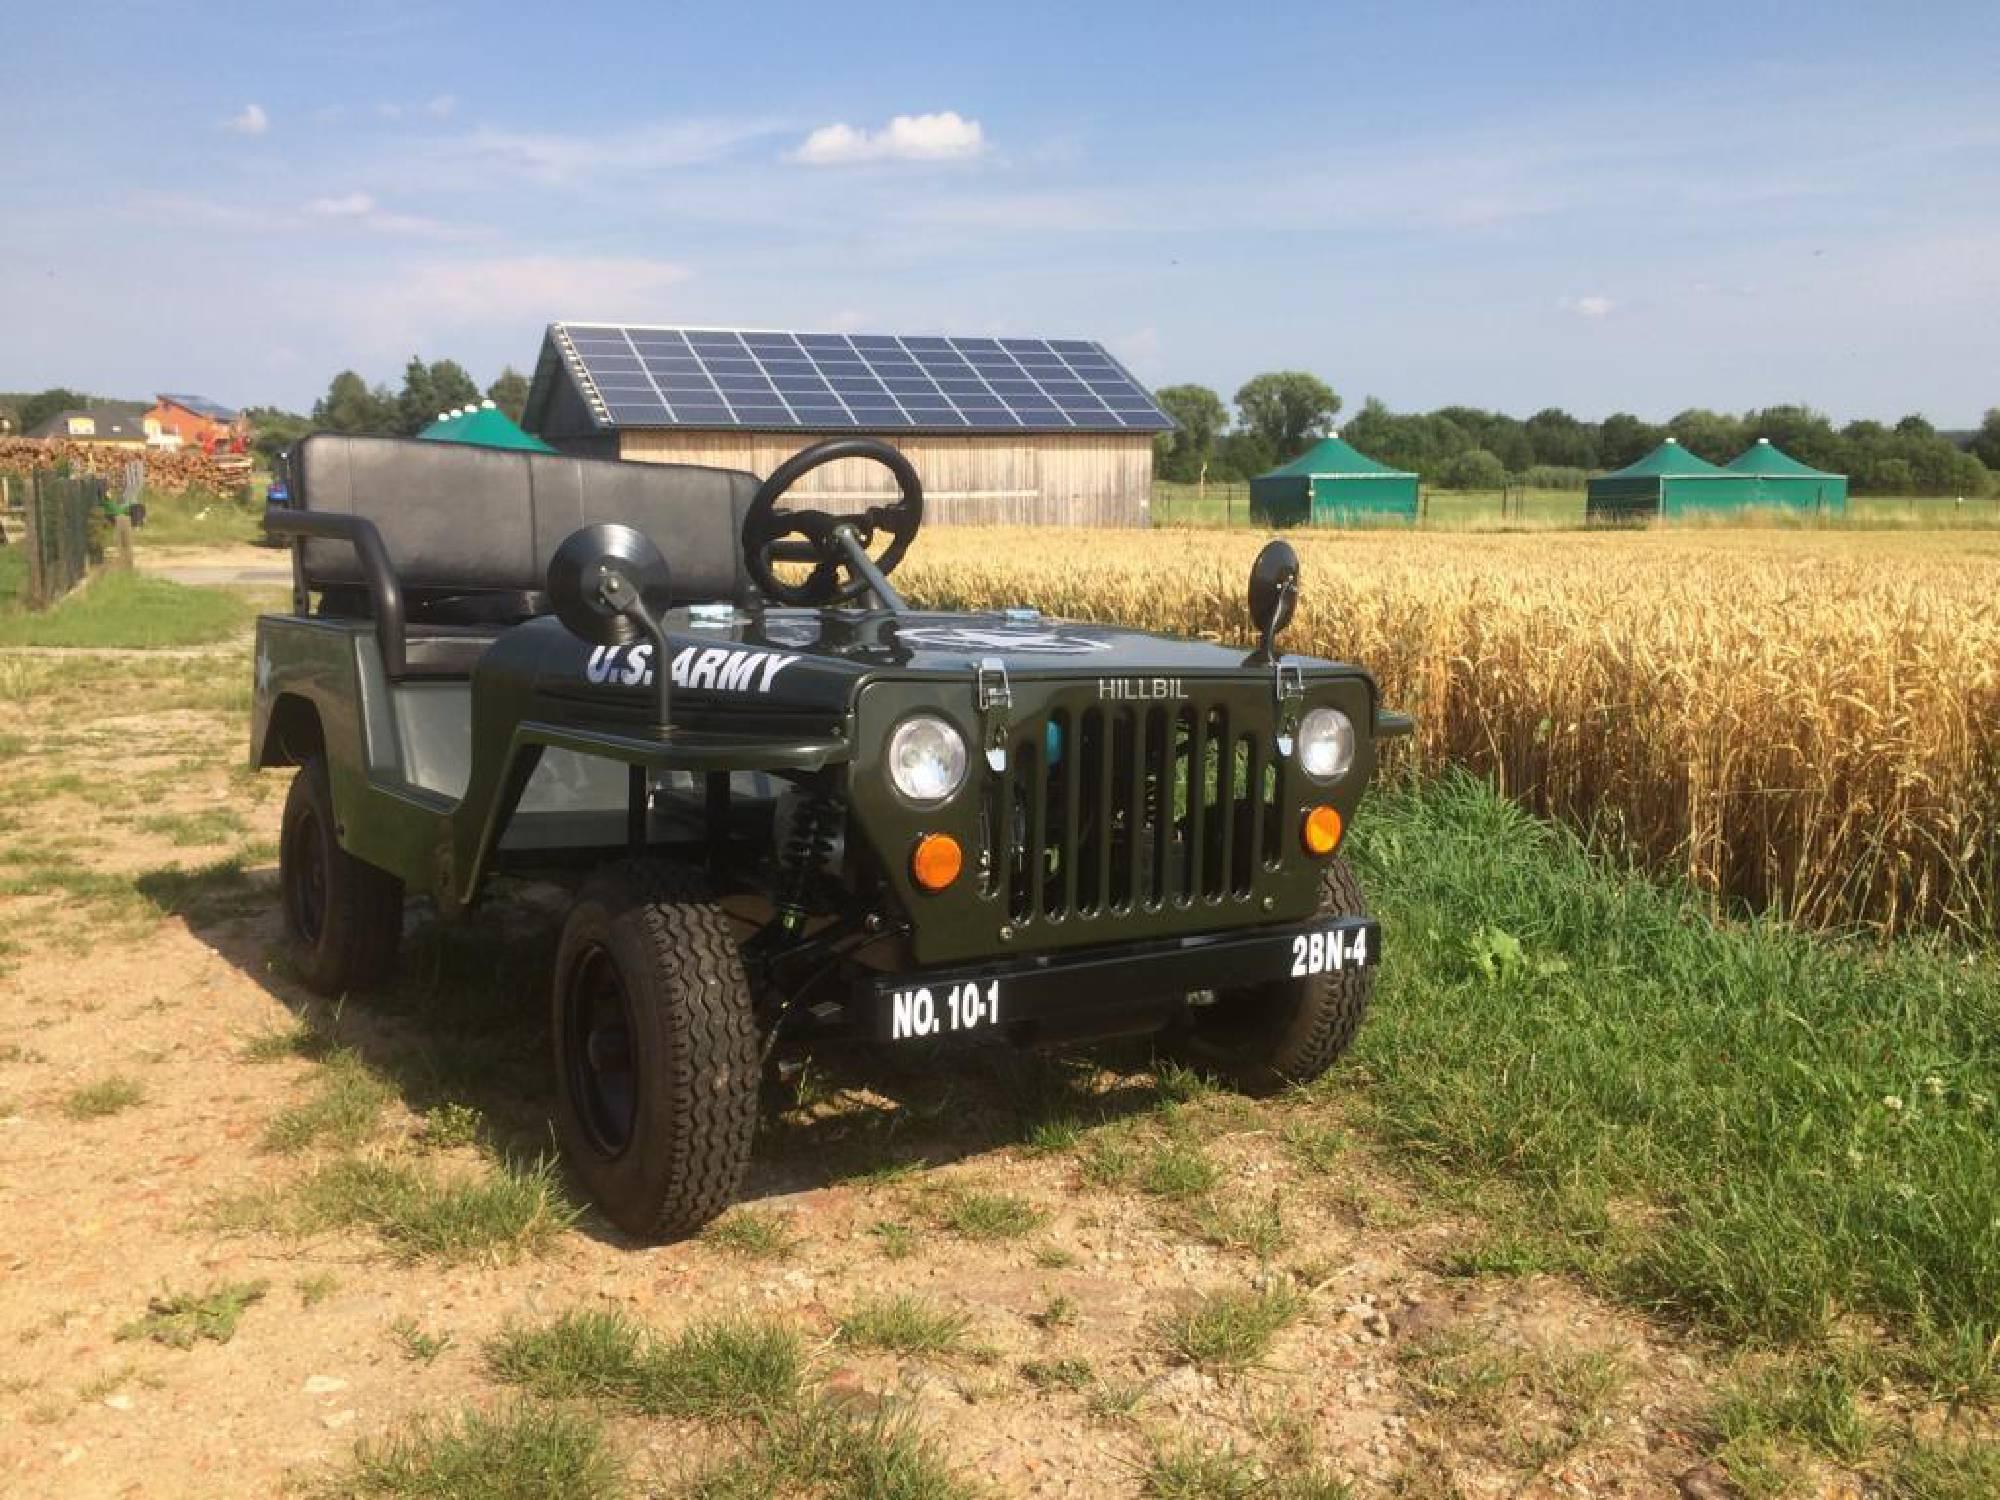 Topp HILLBIL - u.s army willys mini jeep - mini car for children fun MA-49